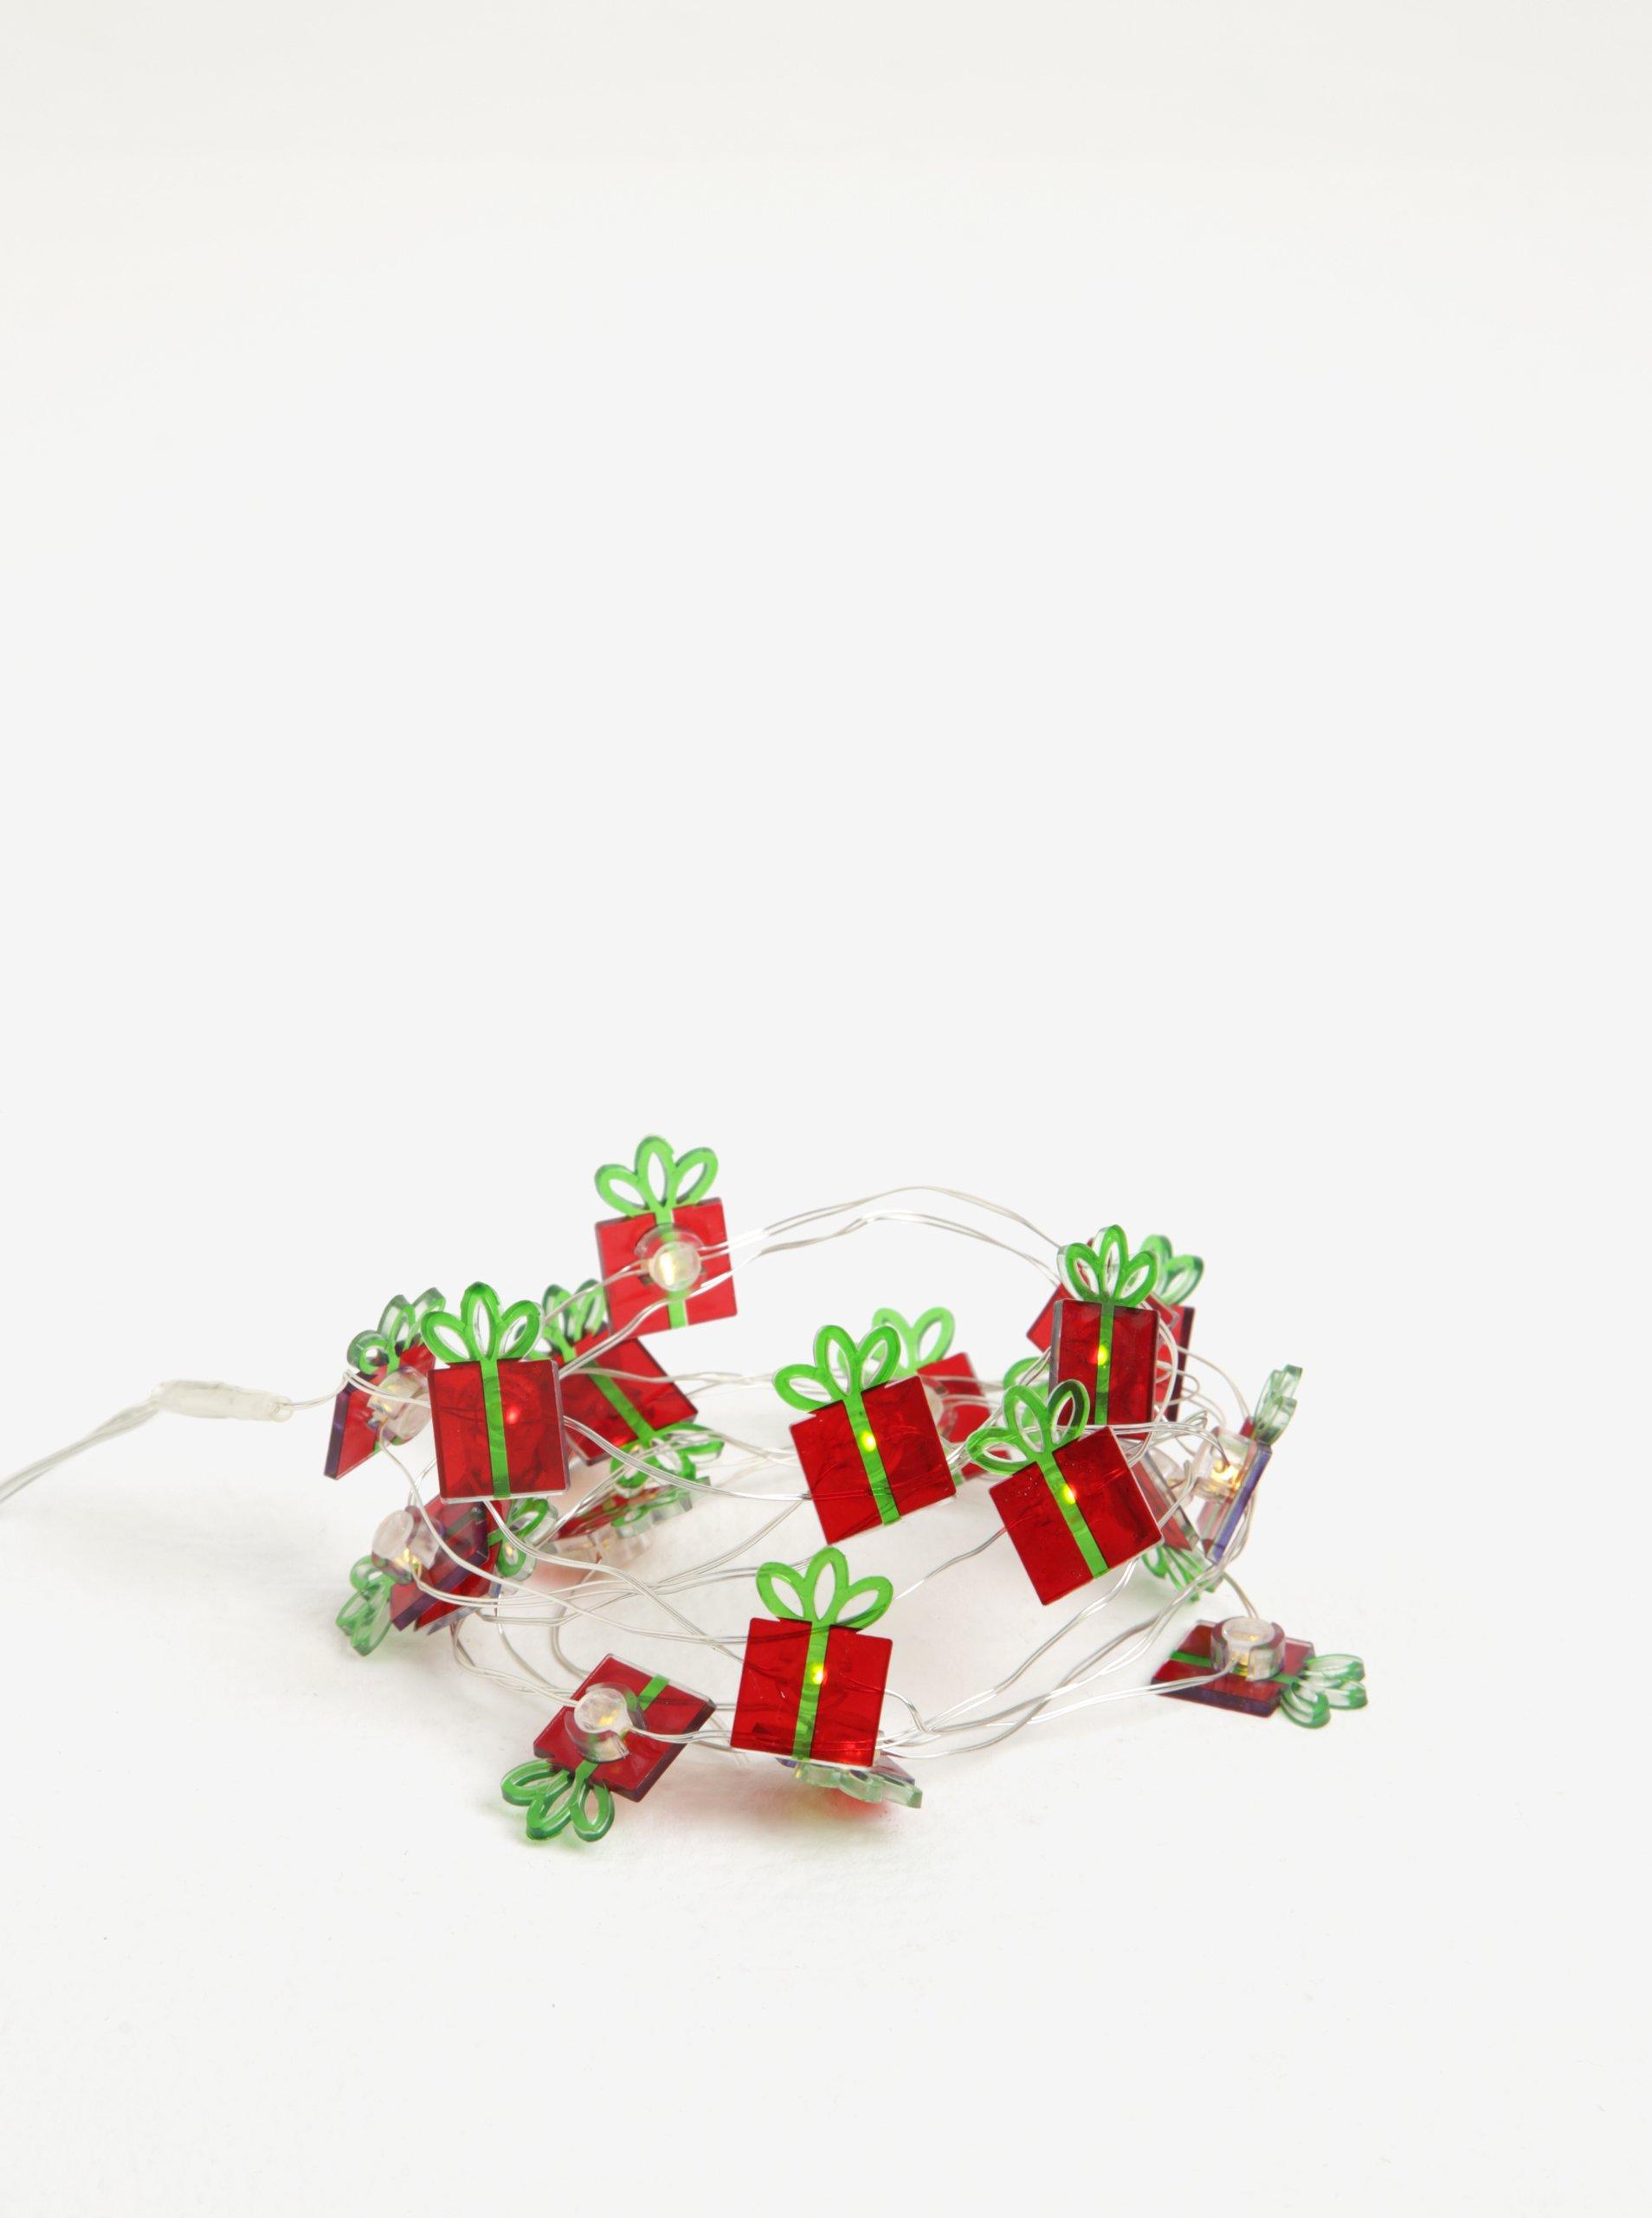 Zeleno-červený LED svítící řetěz s motivem dárků Kaemingk